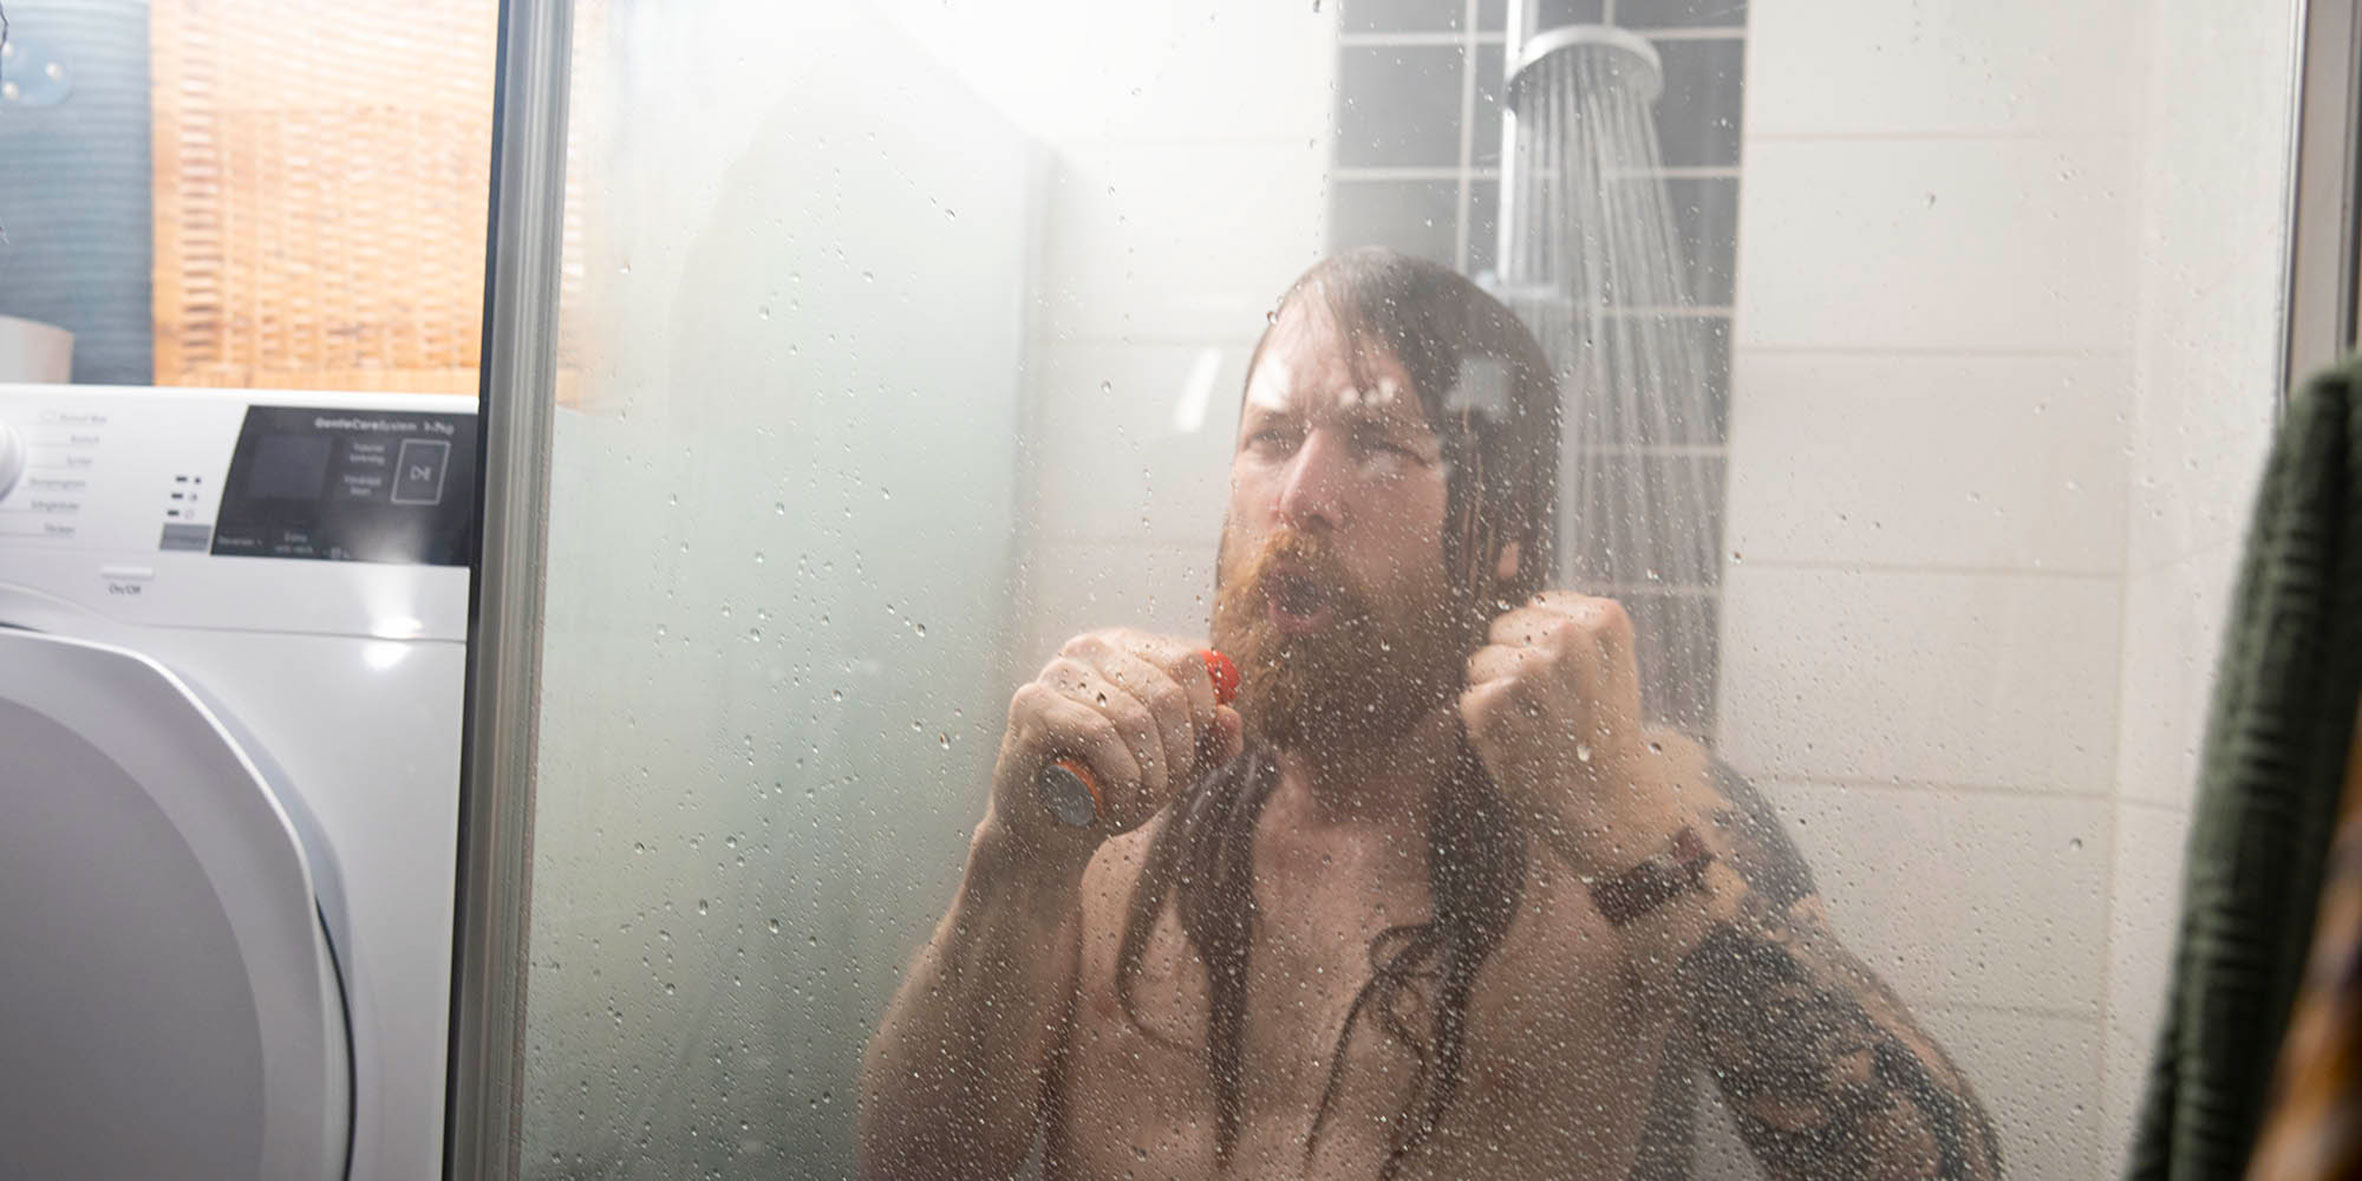 Om du minskar duschtiden med 5 minuter kan du spara så mycket som 60 liter vatten.